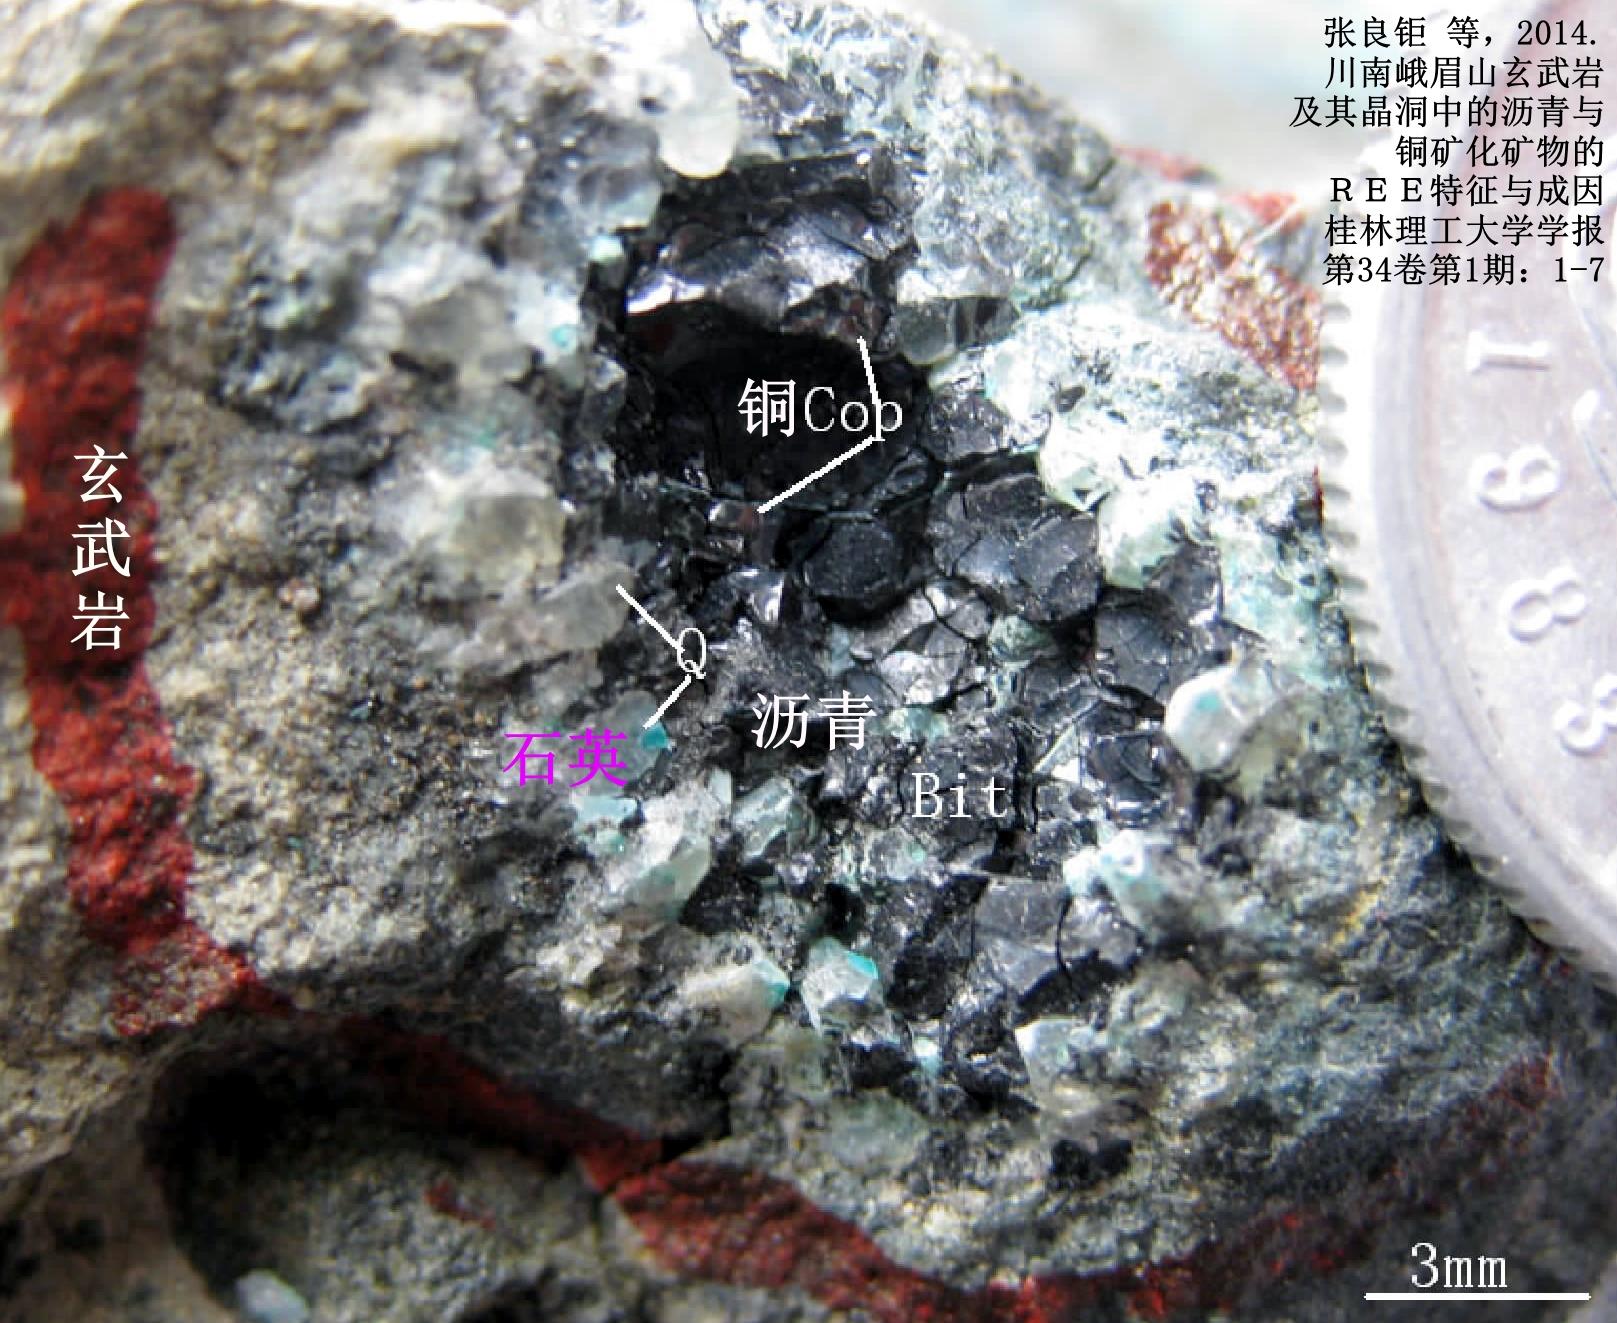 Copper+asphalt2014-ZhangLJ2.jpg